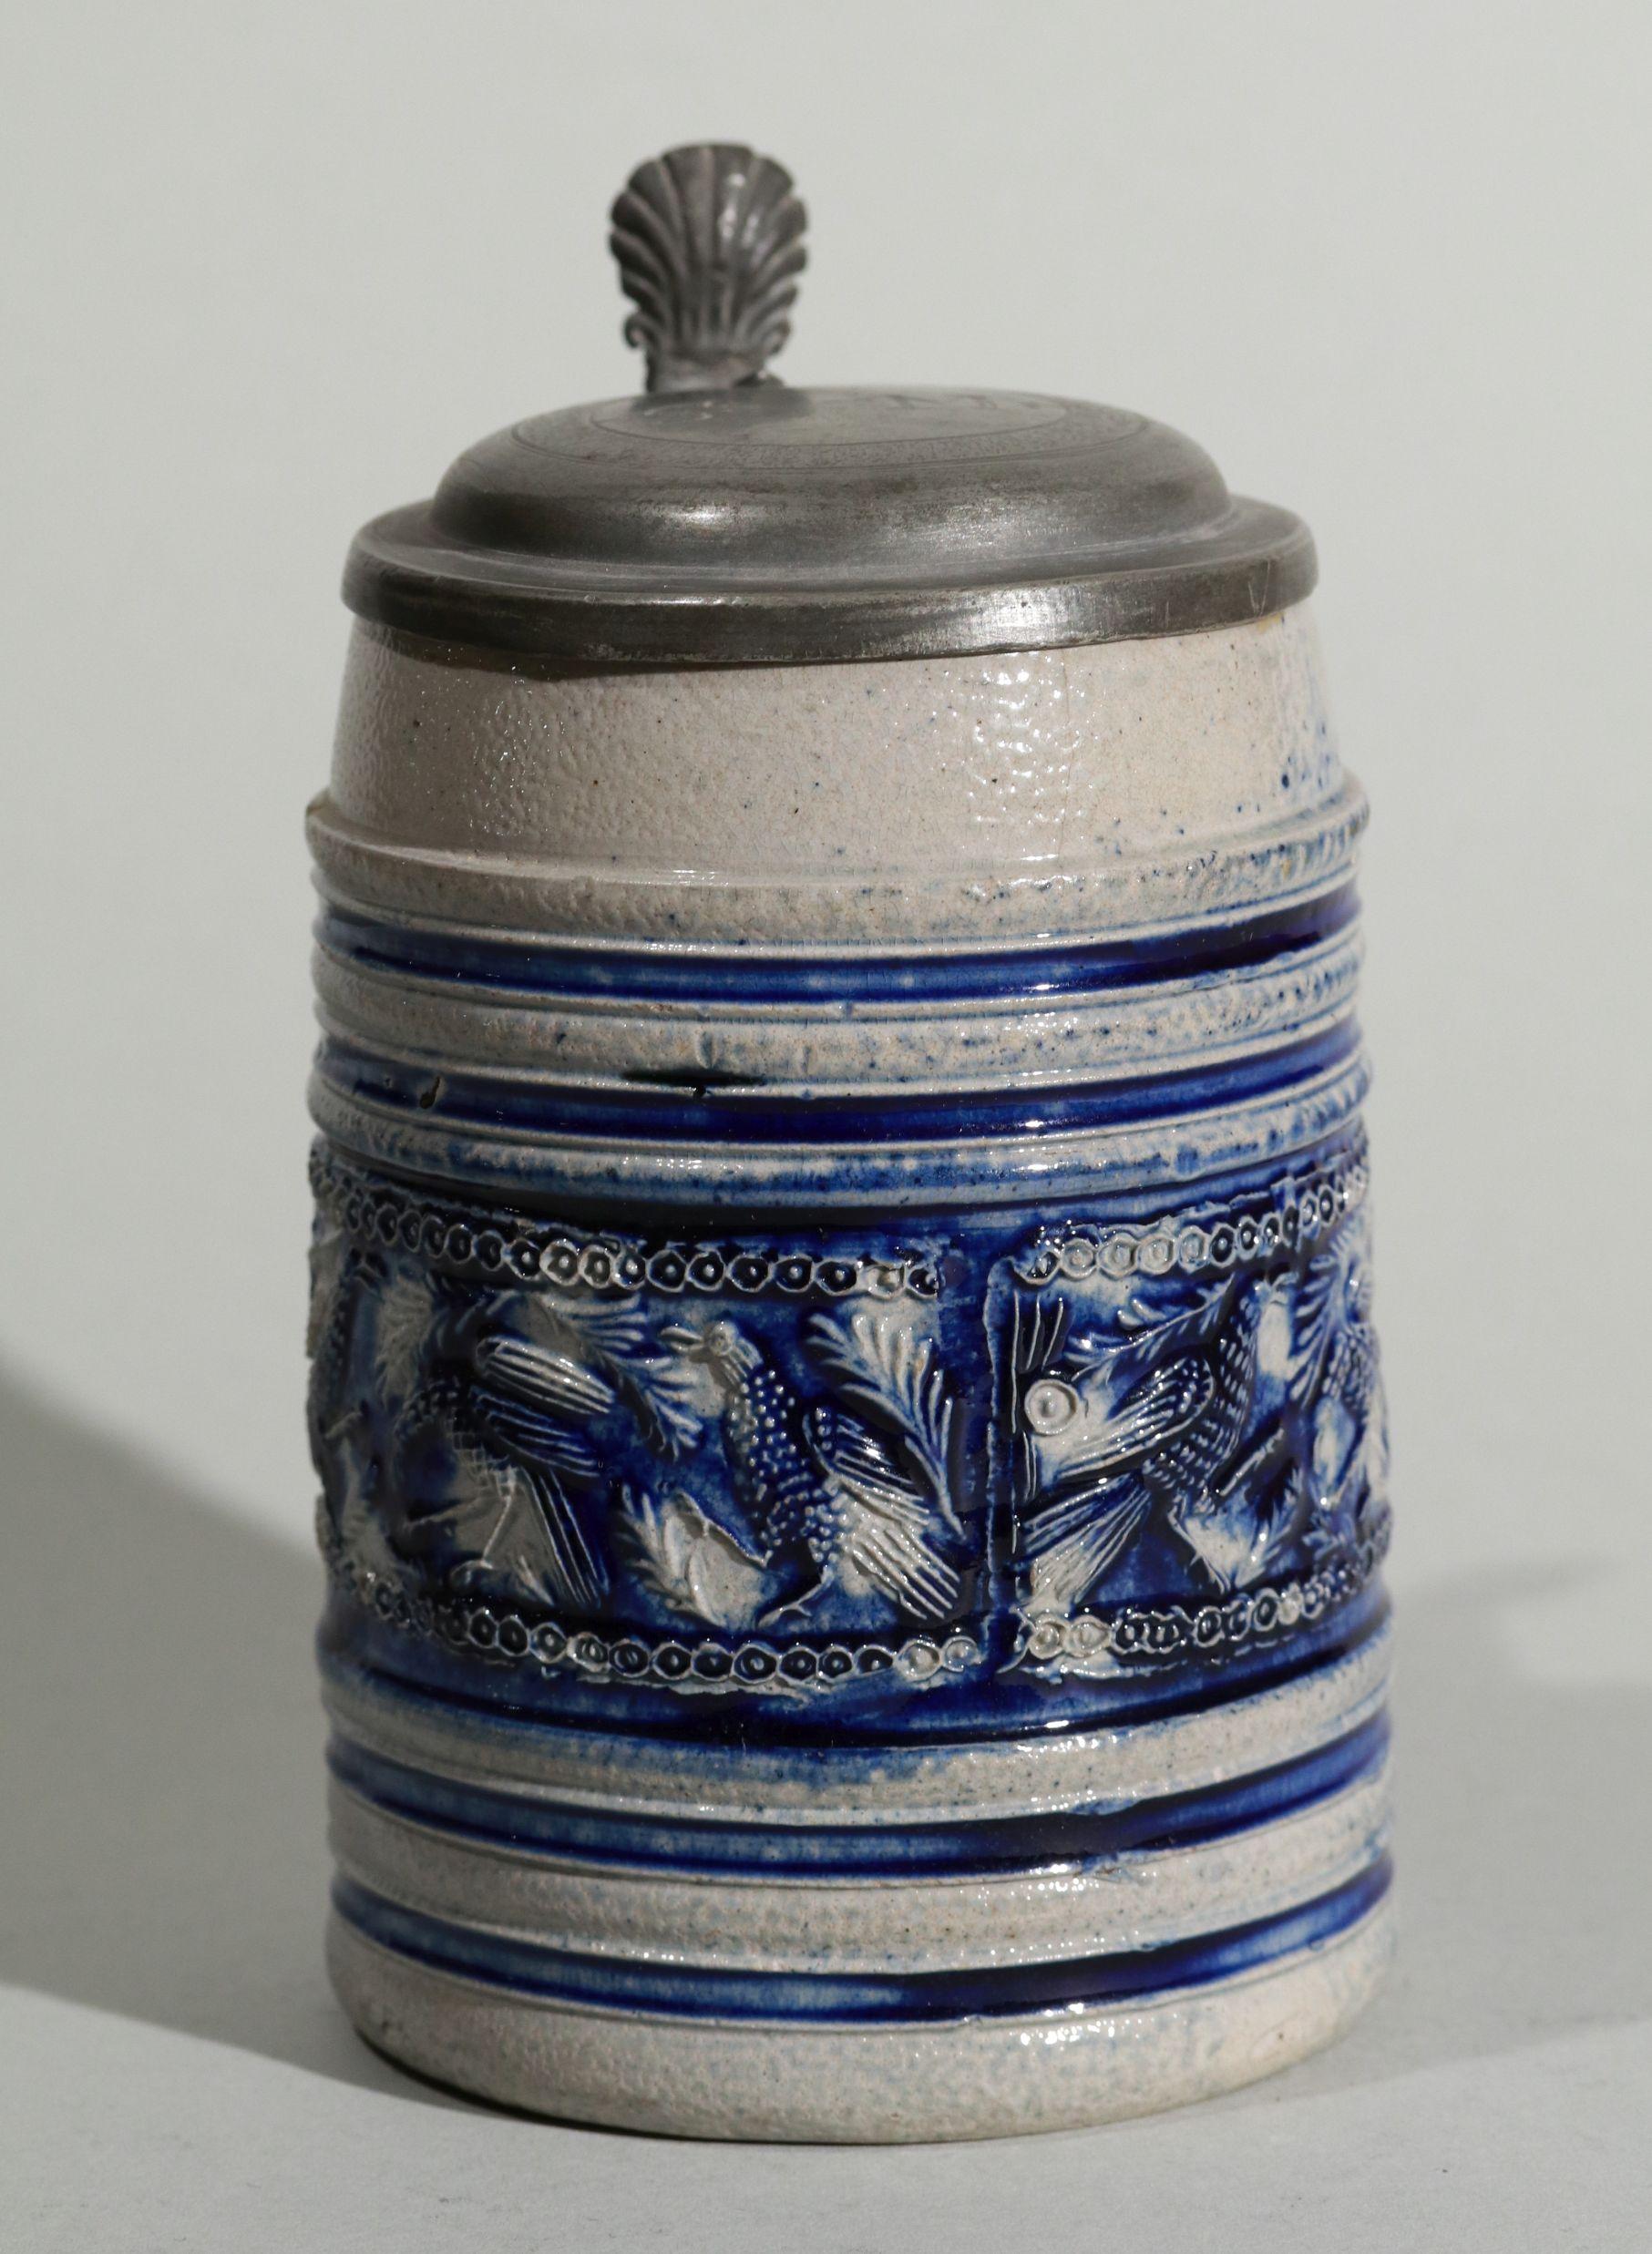 kleiner-westerwald-tankard-walzenkrug-um-1700- applied relief blue salt glazed stoneware tankard